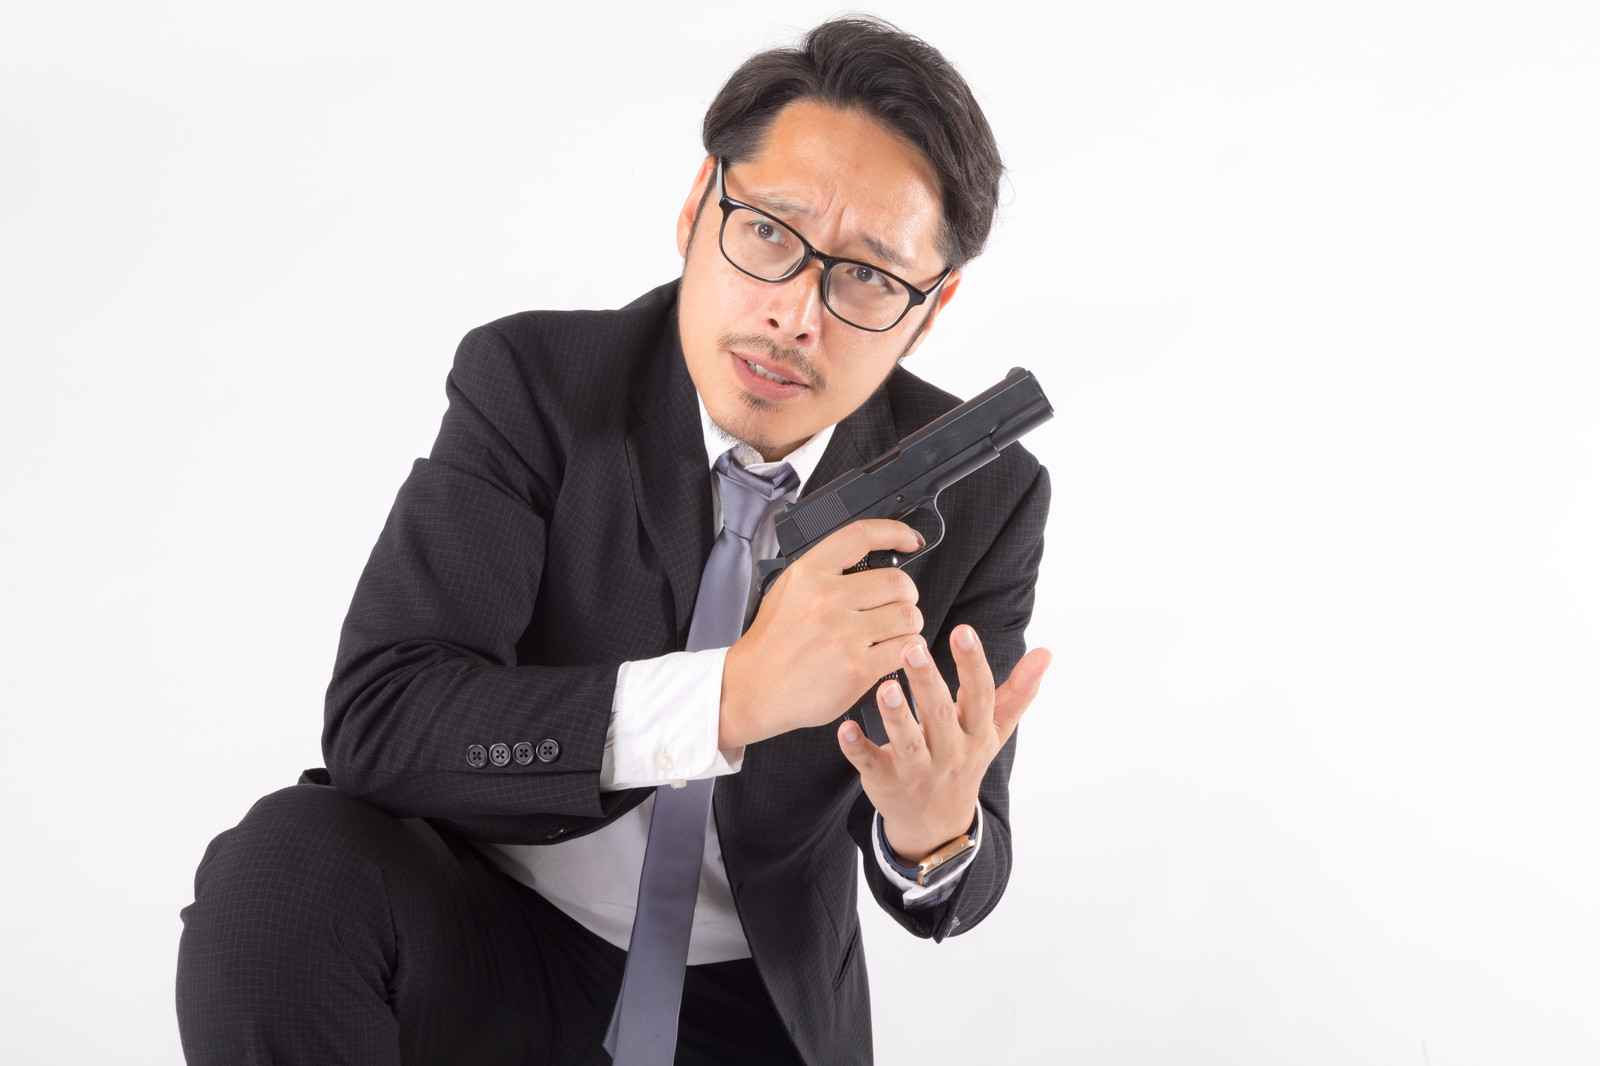 「辺りの様子をうかがいながら弾倉を装填する会社員辺りの様子をうかがいながら弾倉を装填する会社員」[モデル:ゆうせい]のフリー写真素材を拡大